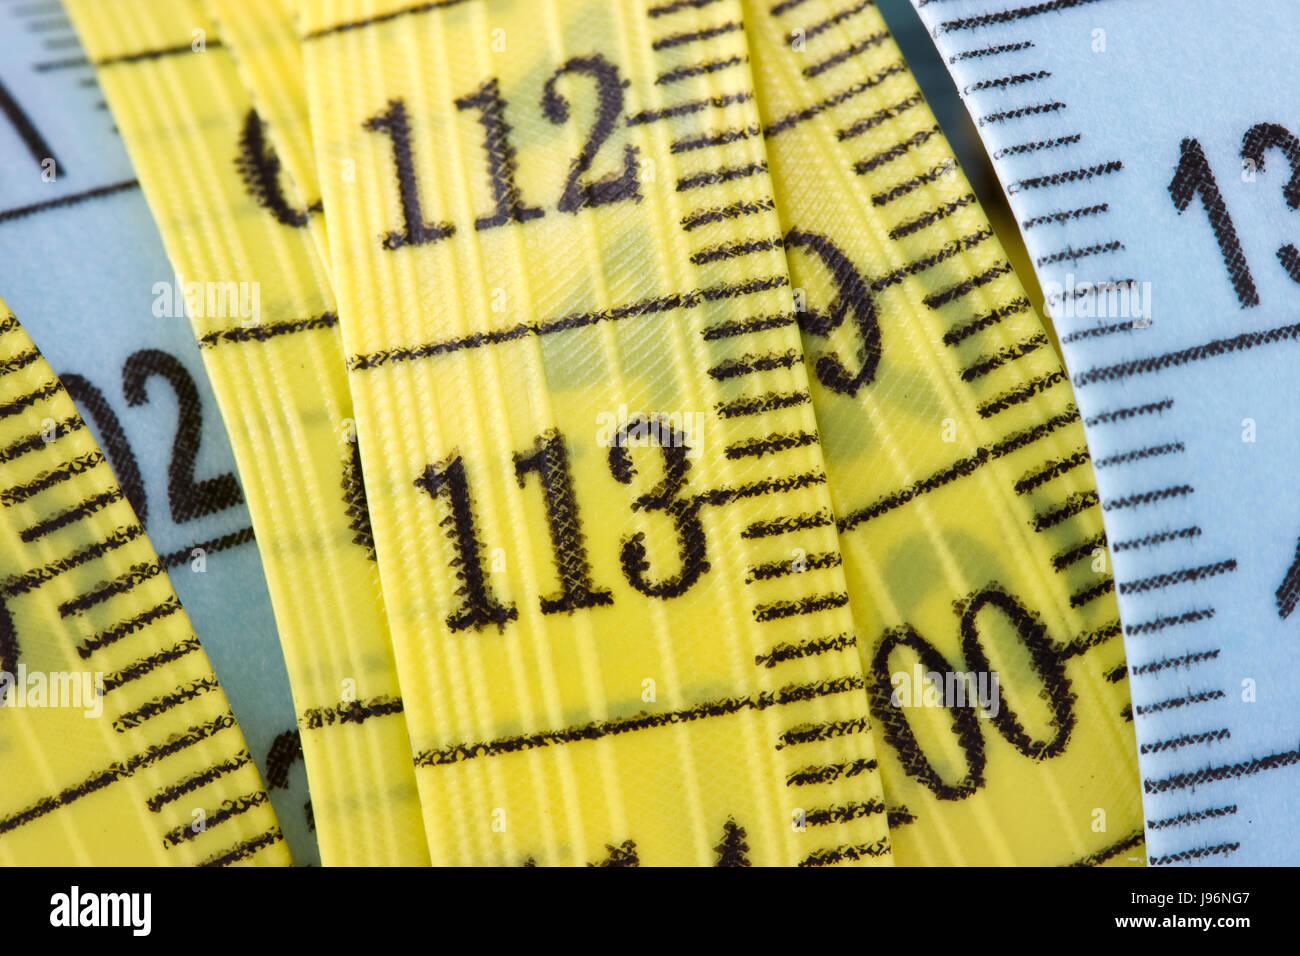 ruler distance measurement dimension centimetre centimeter